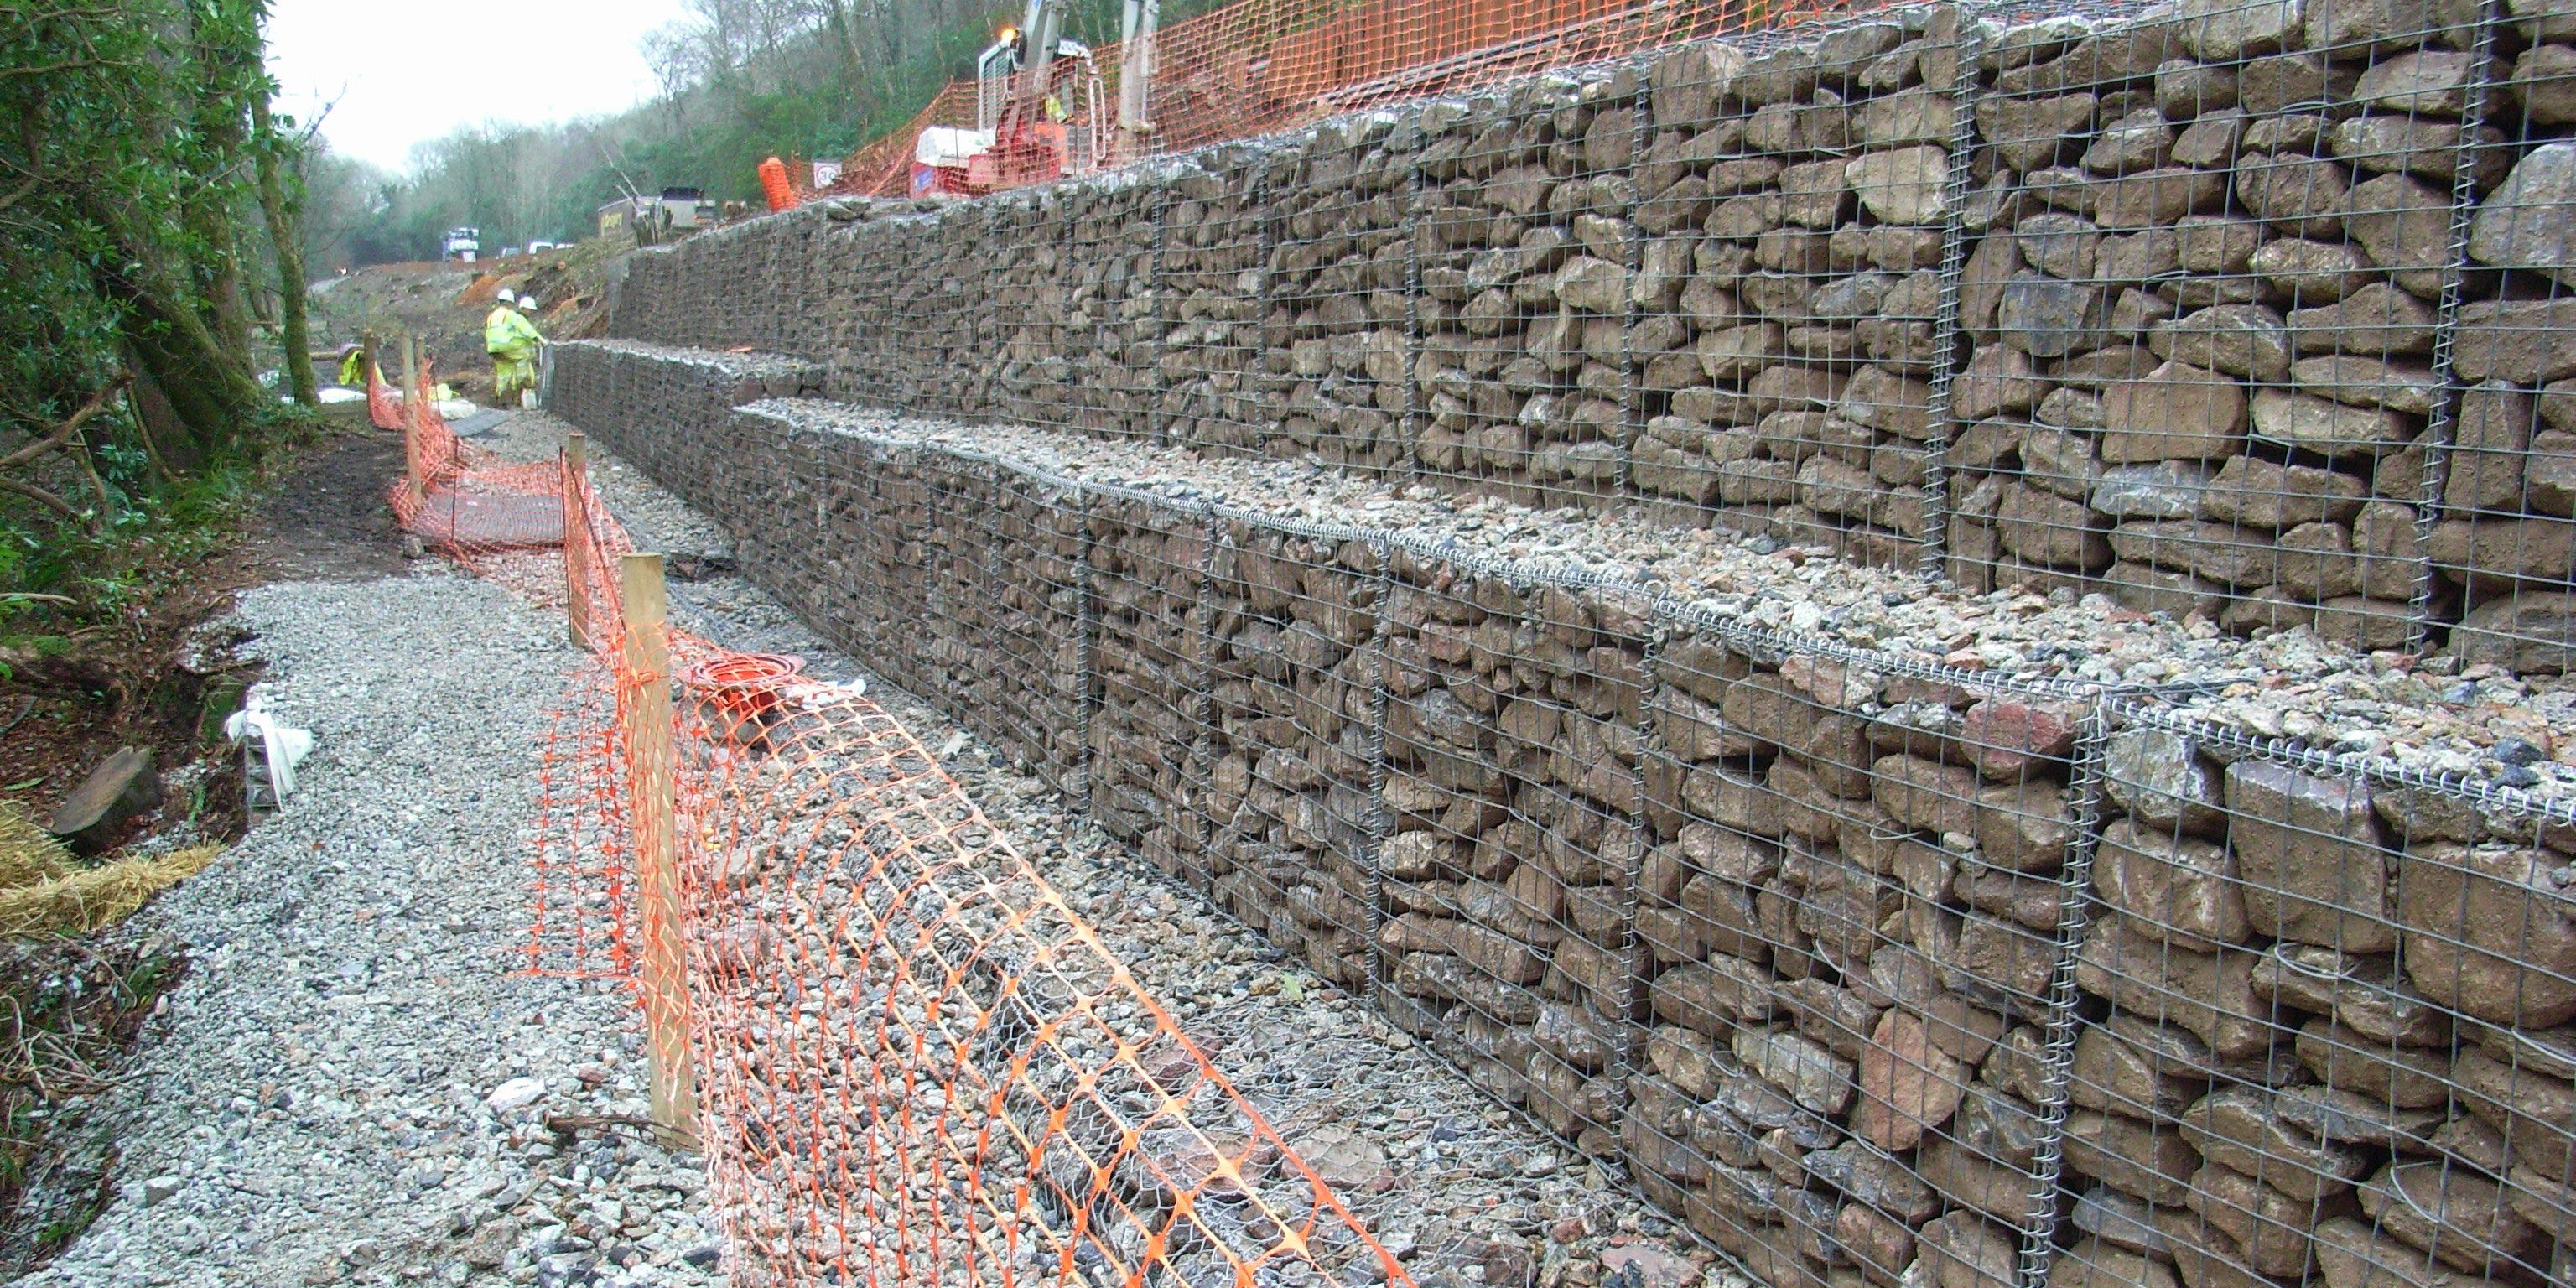 Muri Di Sostegno In Gabbioni.Muri In Gabbioni Analisi Delle Deformazioni